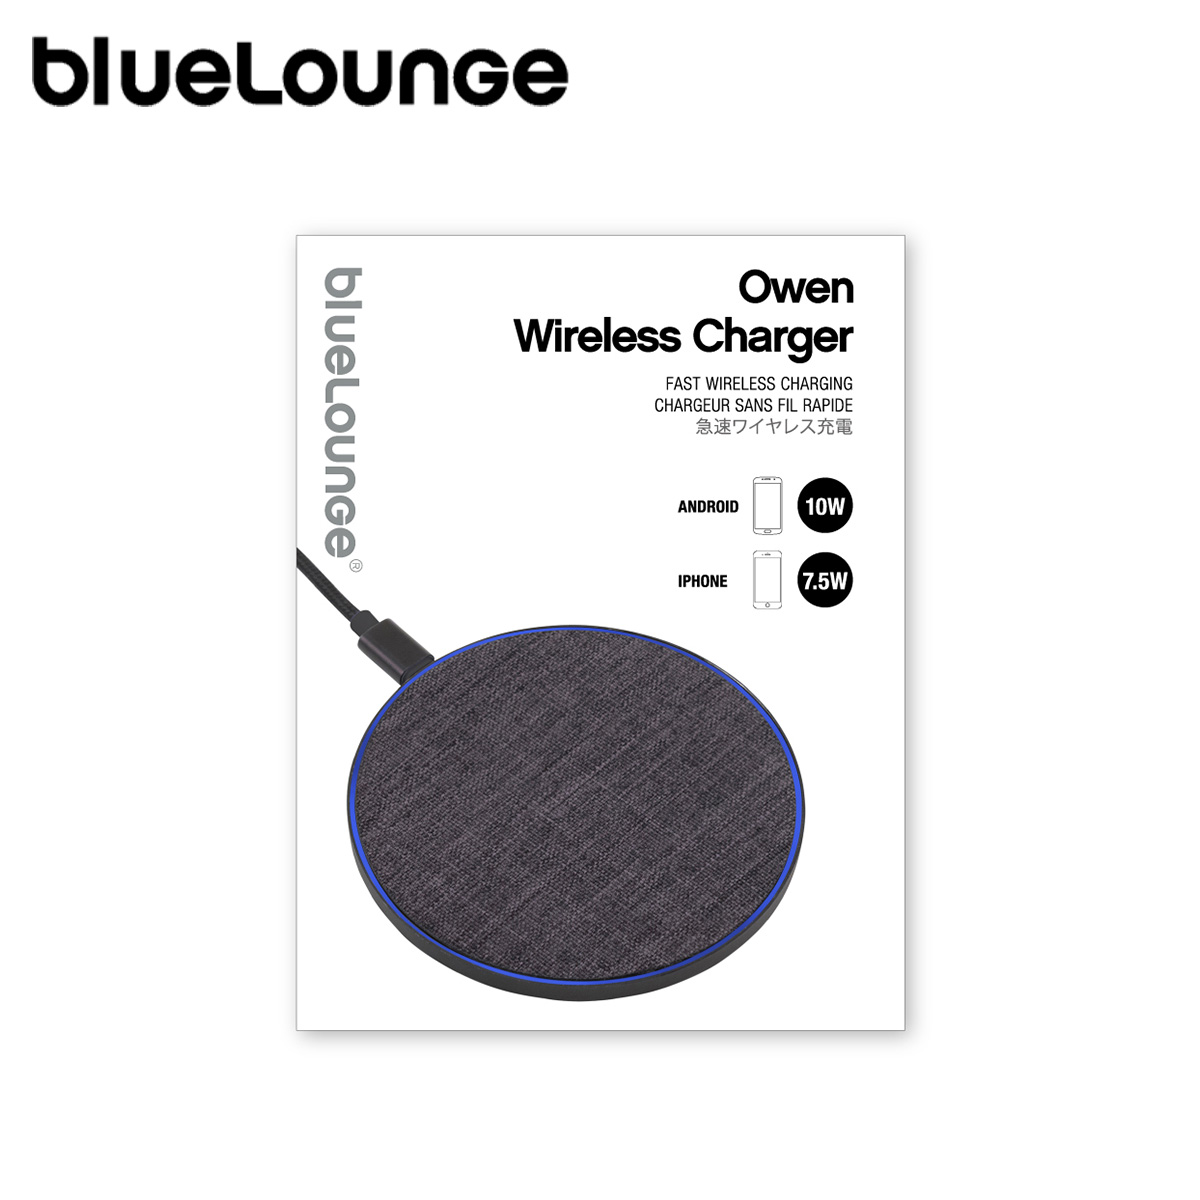 Bluelounge ブルーラウンジ iPhone android 充電 ケーブル ワイヤレス充電器 スマホ 携帯 スマートフォン OWEN WIRELESS CHARGER チャコールブラック BLD-OWH